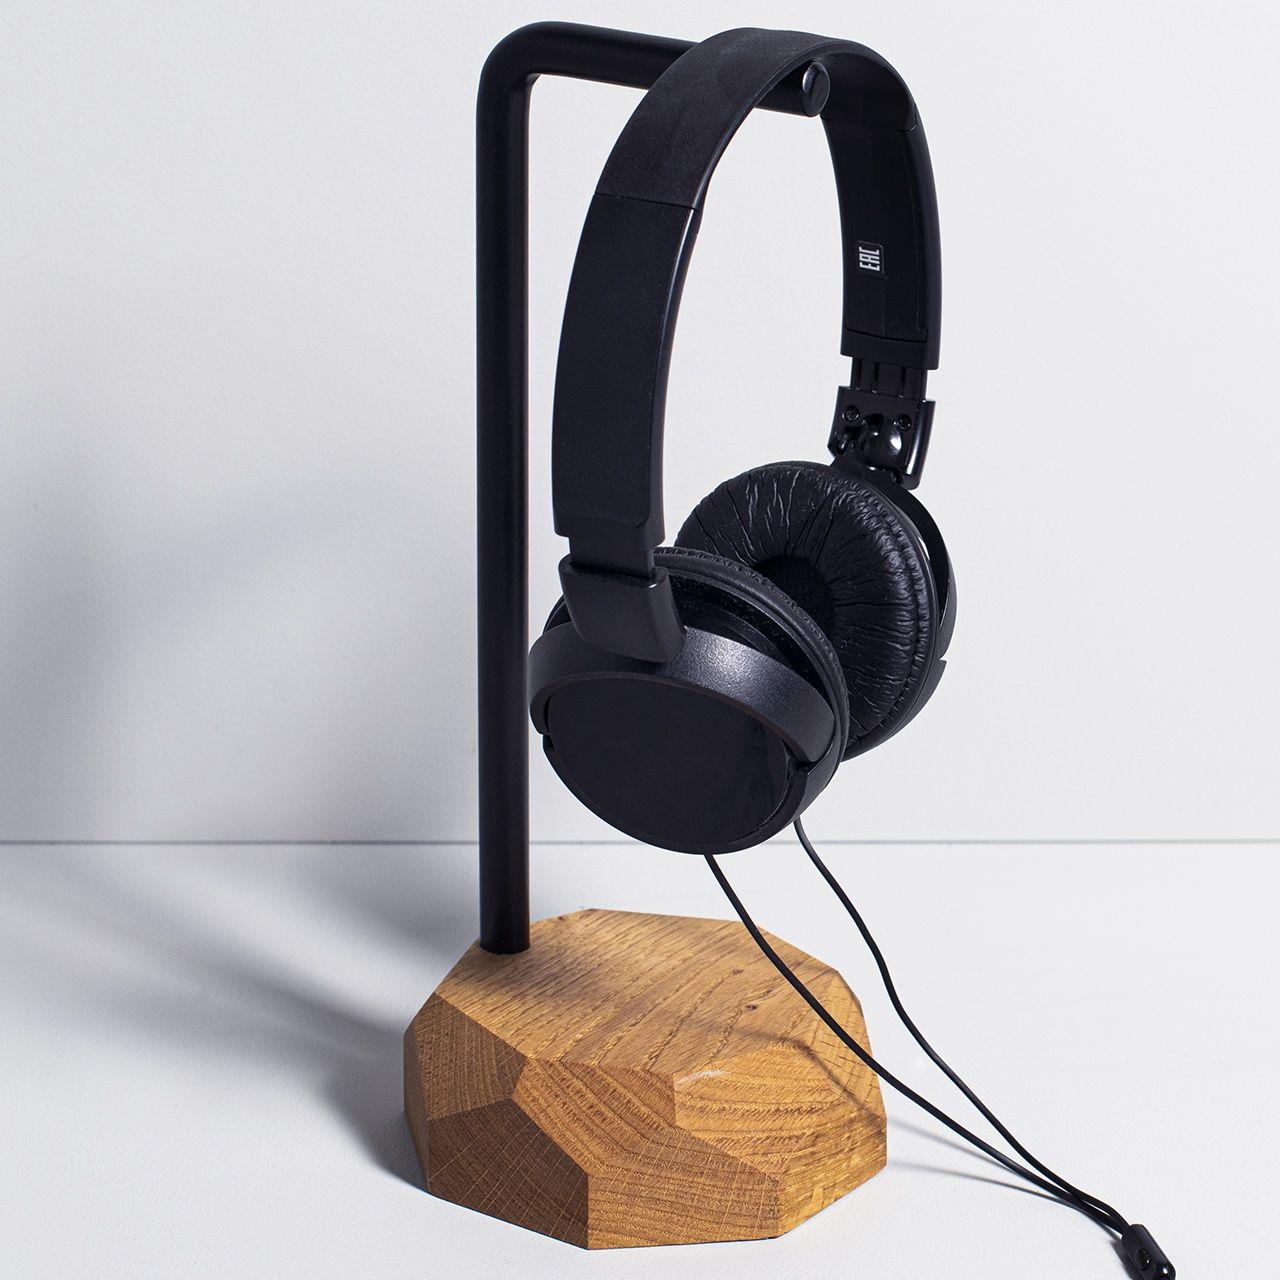 Stojak na słuchawki drewniany,crazyshop.pl#stojak#stojaknasłuchawki#stojakdrewniany#stojaknamuzyka#muzyk#prezent#prezentdlamuzyka#pomysłnaprezent#gift#headphones#headphonestand#musician